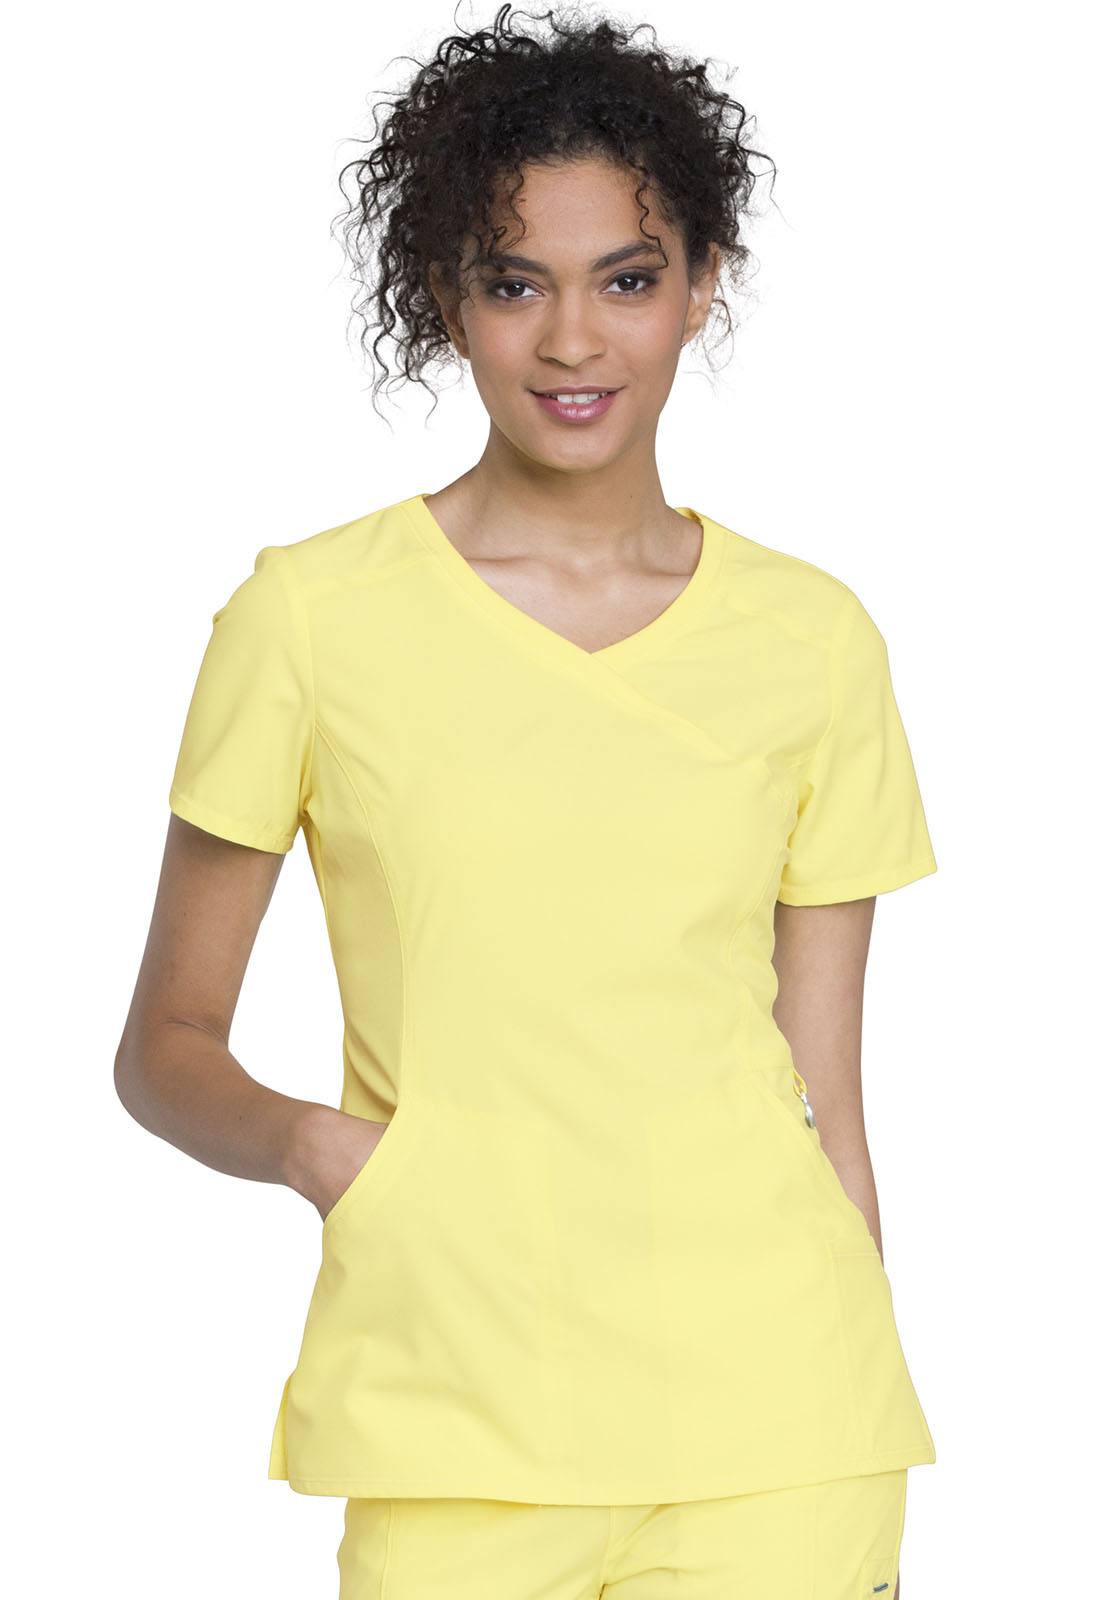 1b475747123 Infinity Mock Wrap Top in Lovely Lemon 2625A-LOMO from Cherokee ...